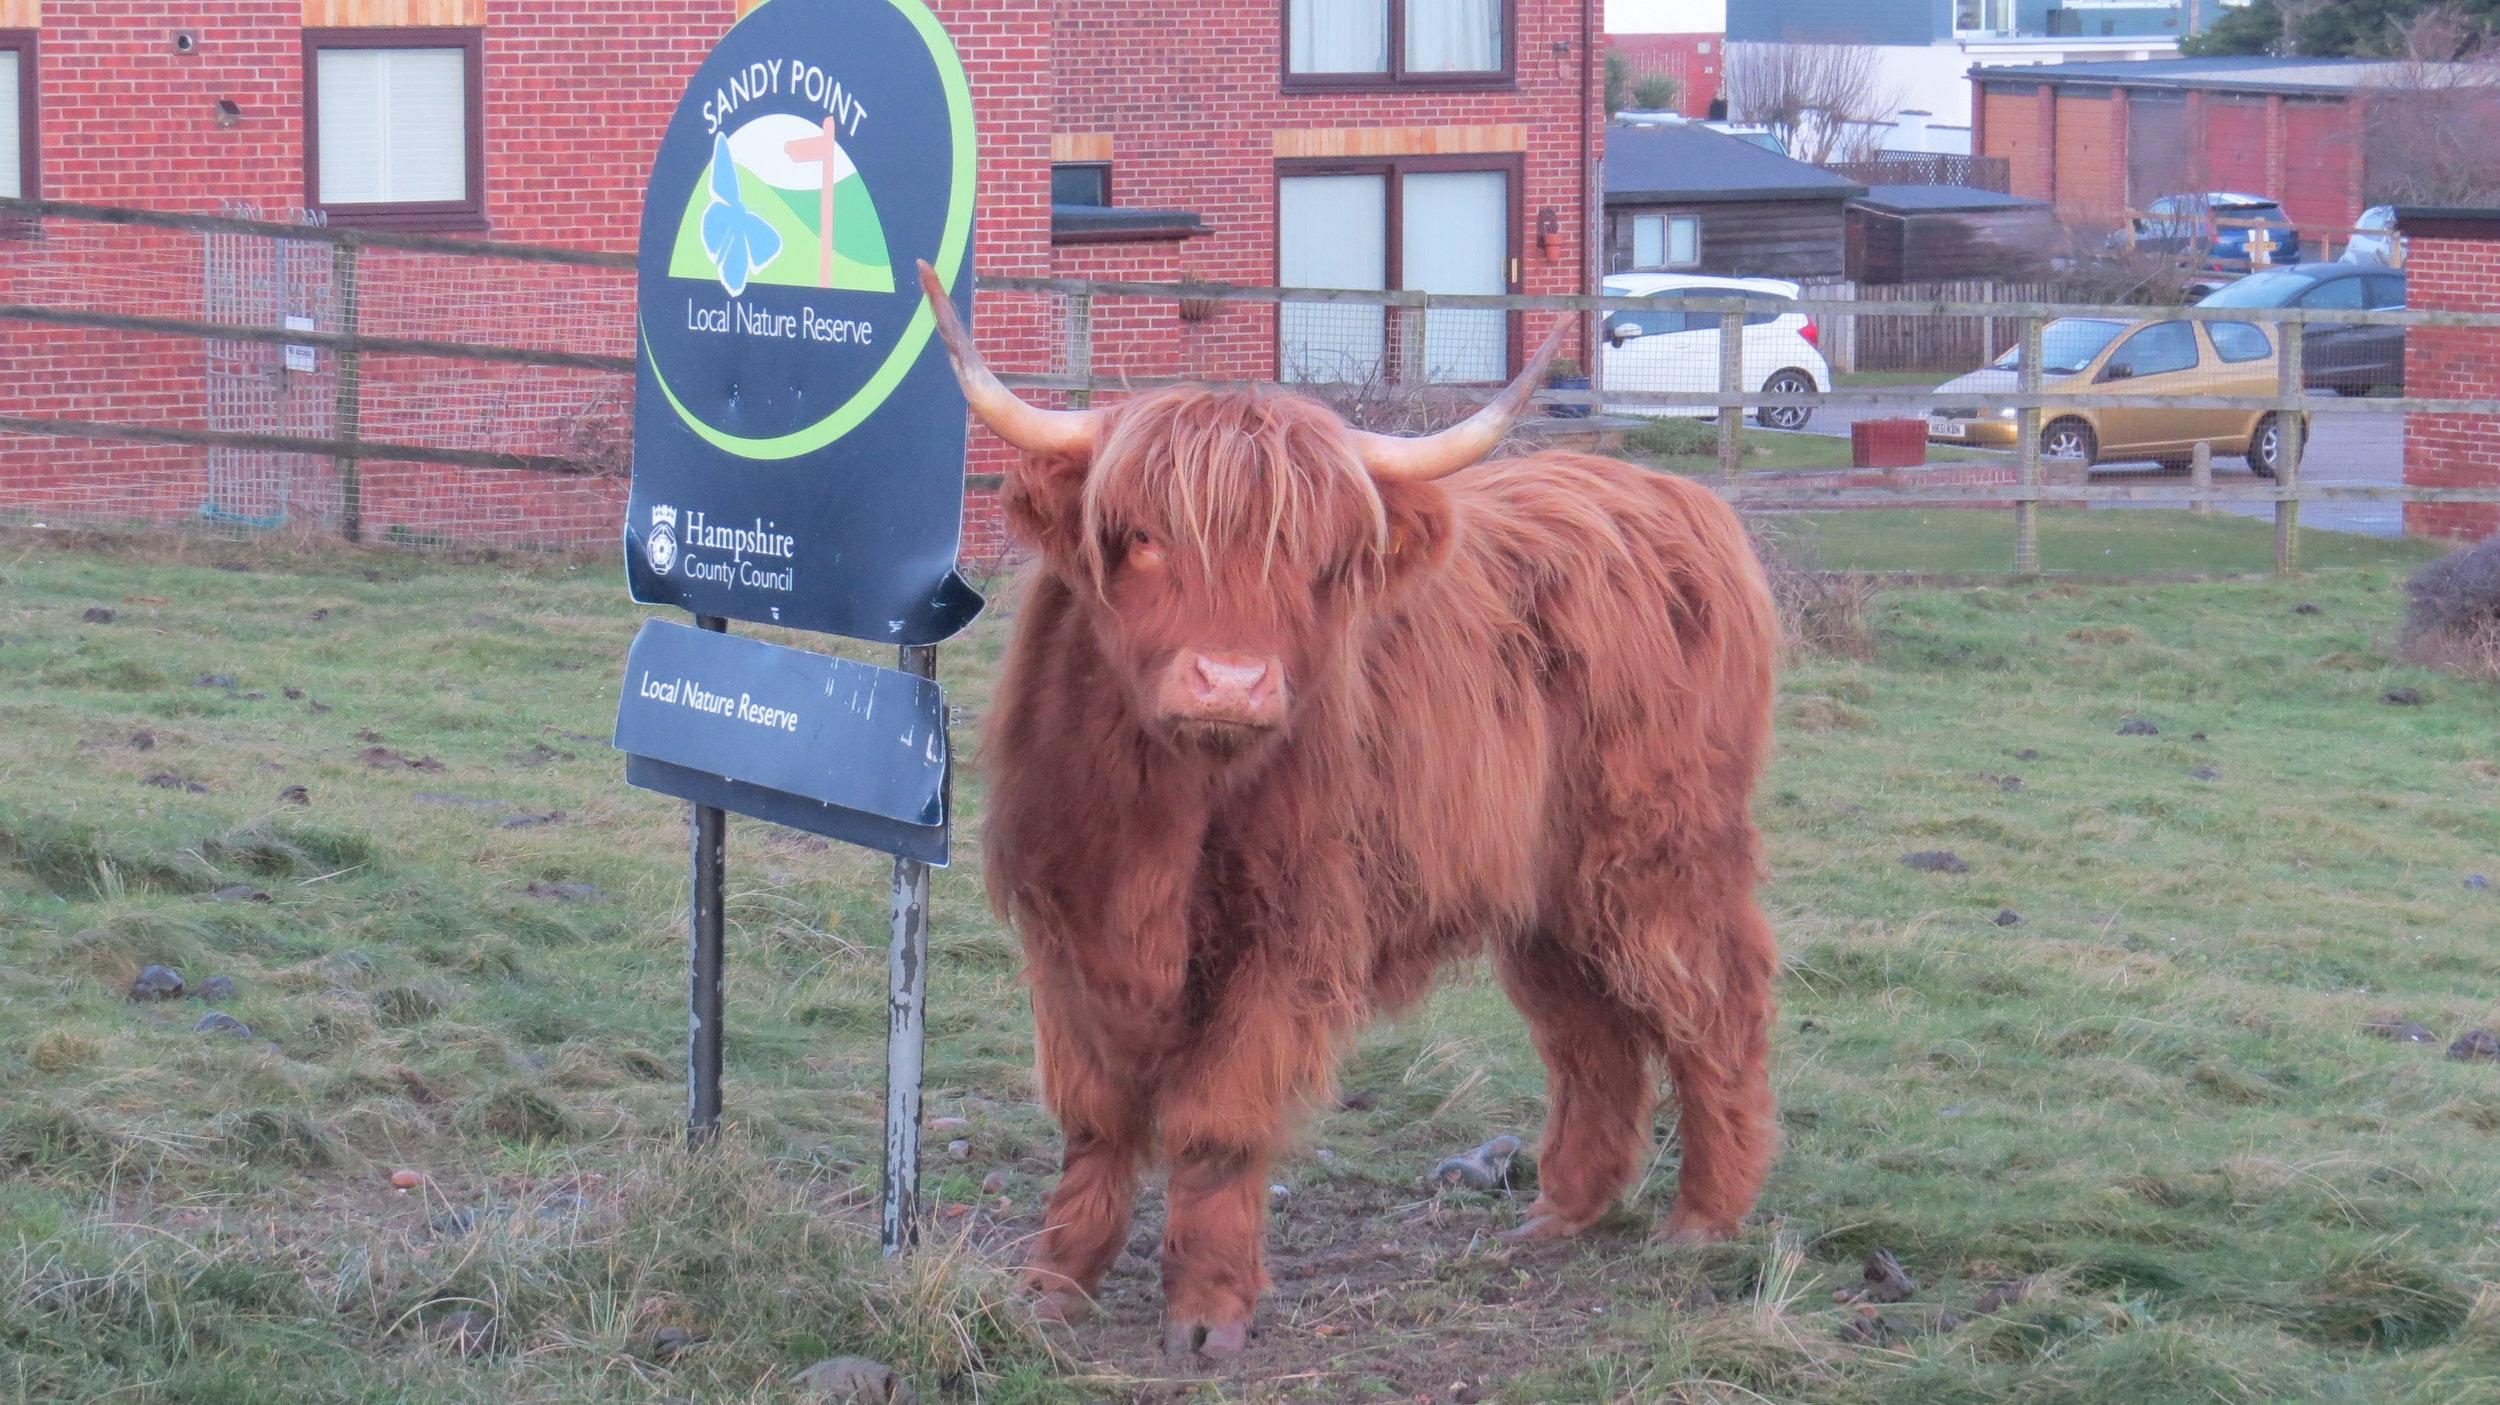 Unimpressed Cow